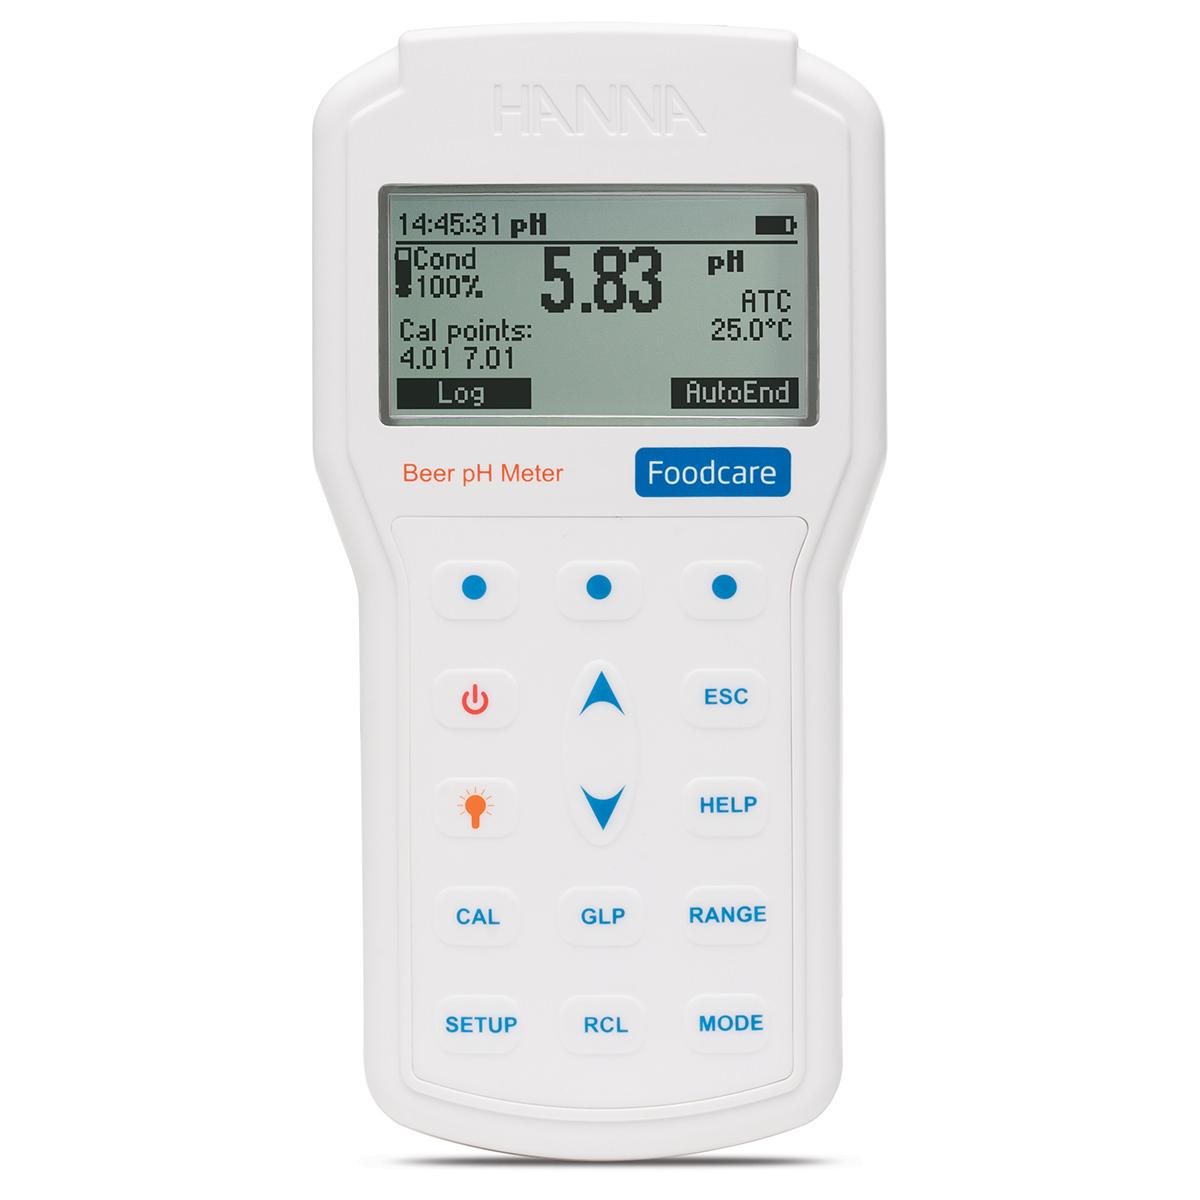 Professional Portable Beer pH Meter - HI98167